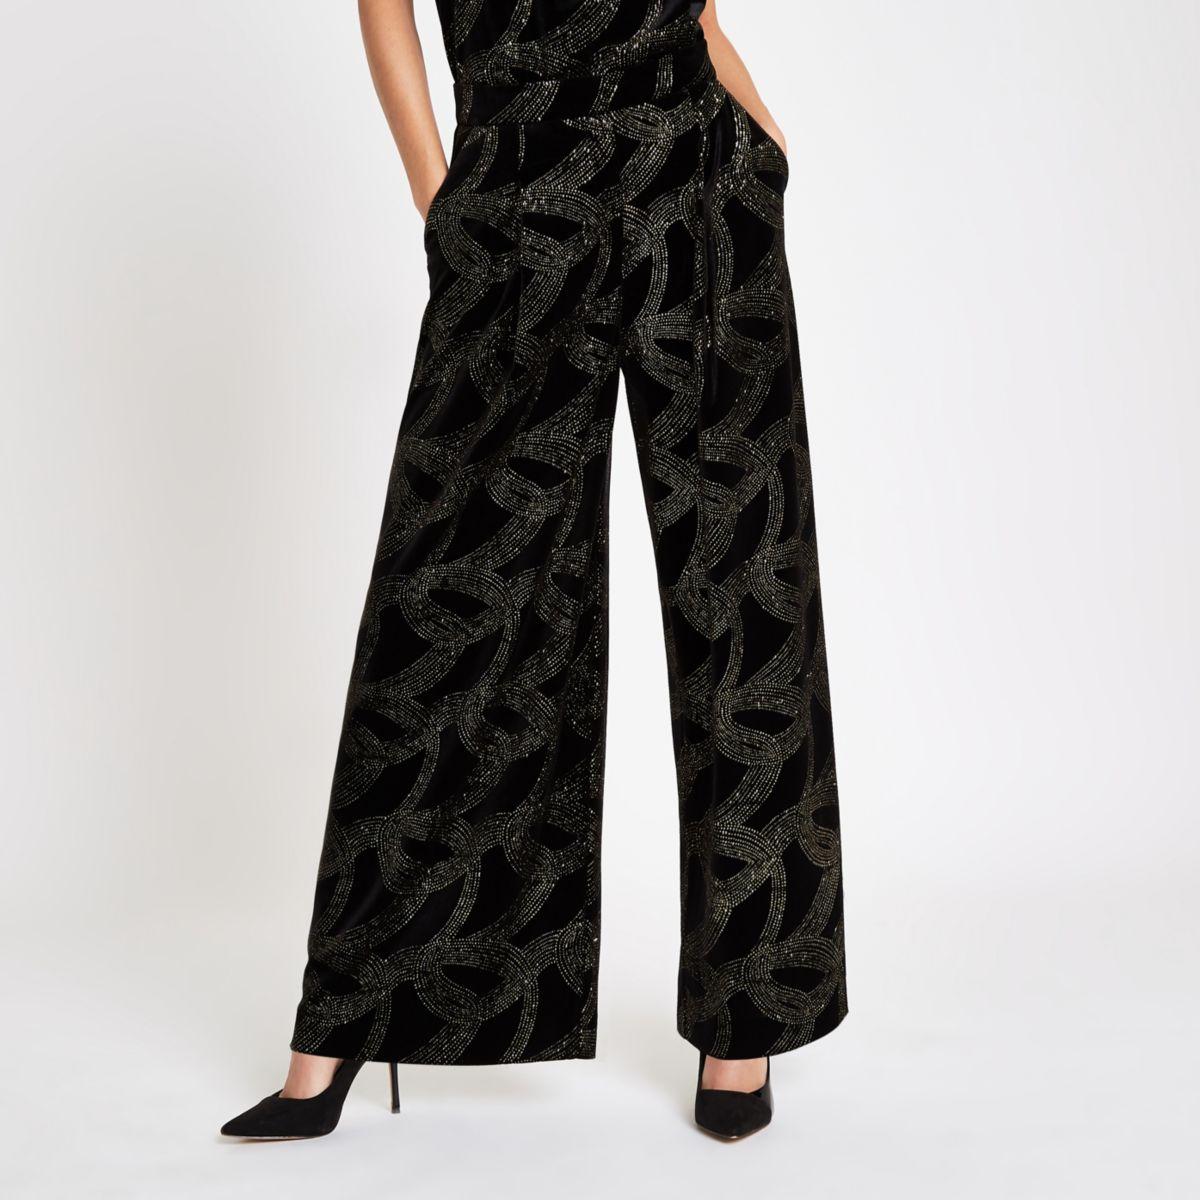 Black glitter embellished wide leg pants